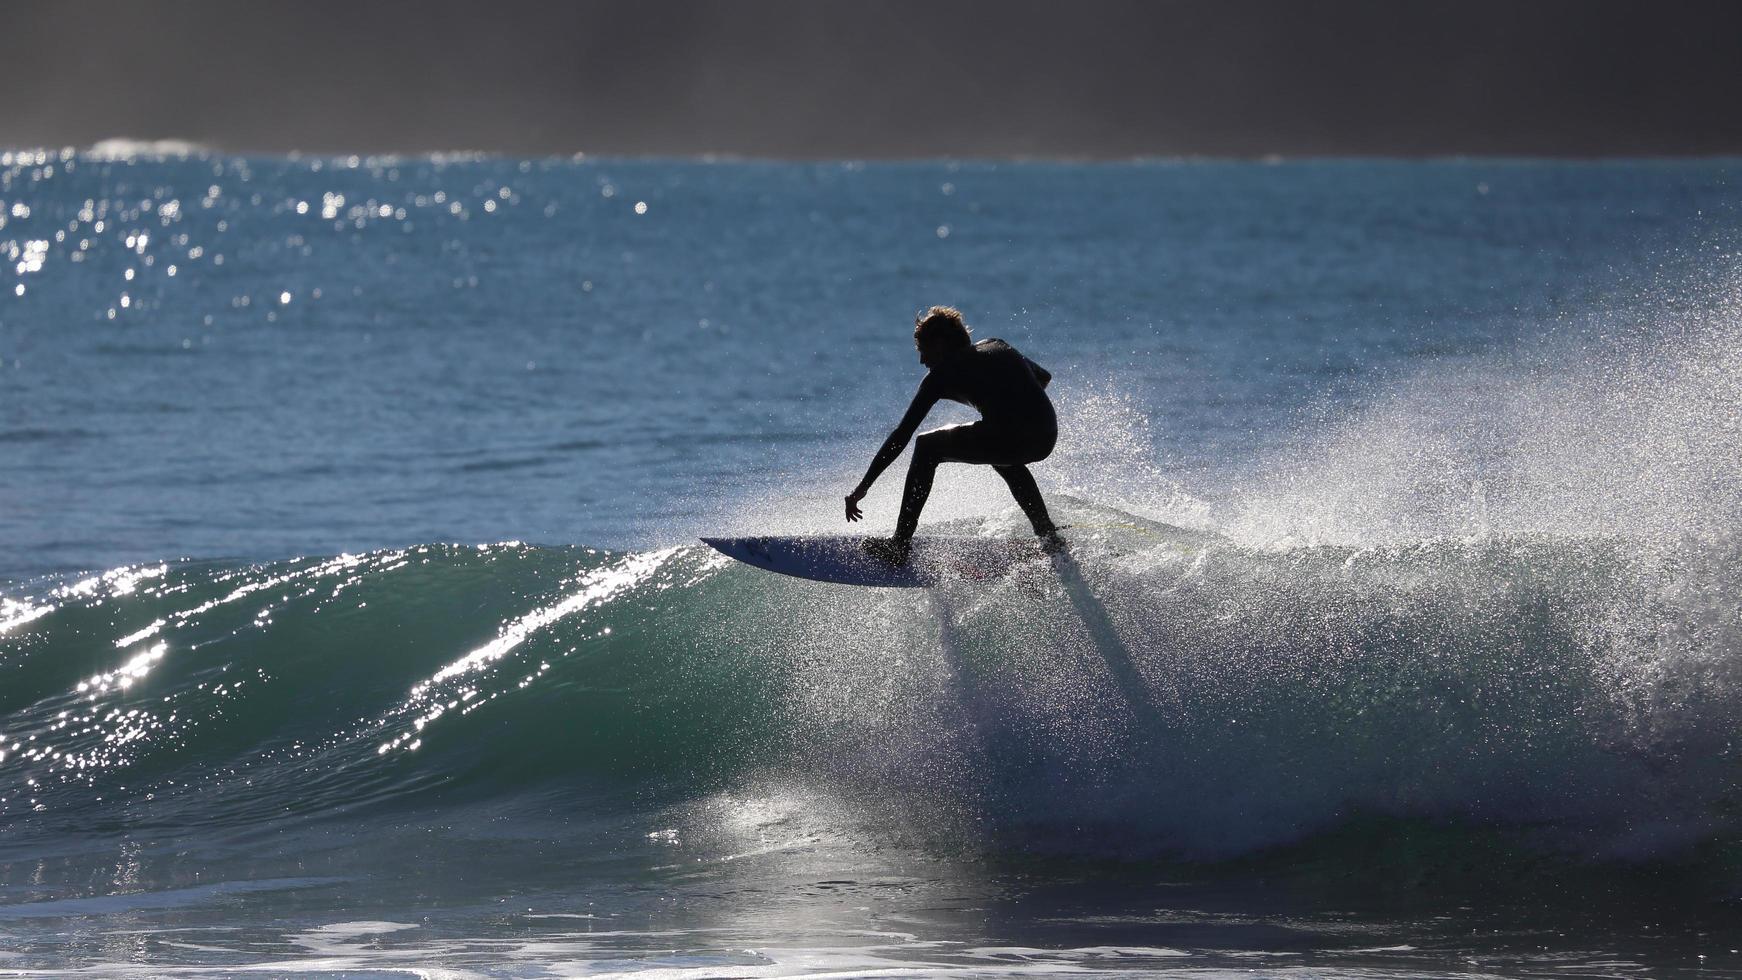 persona montando tabla de surf en barril de agua foto